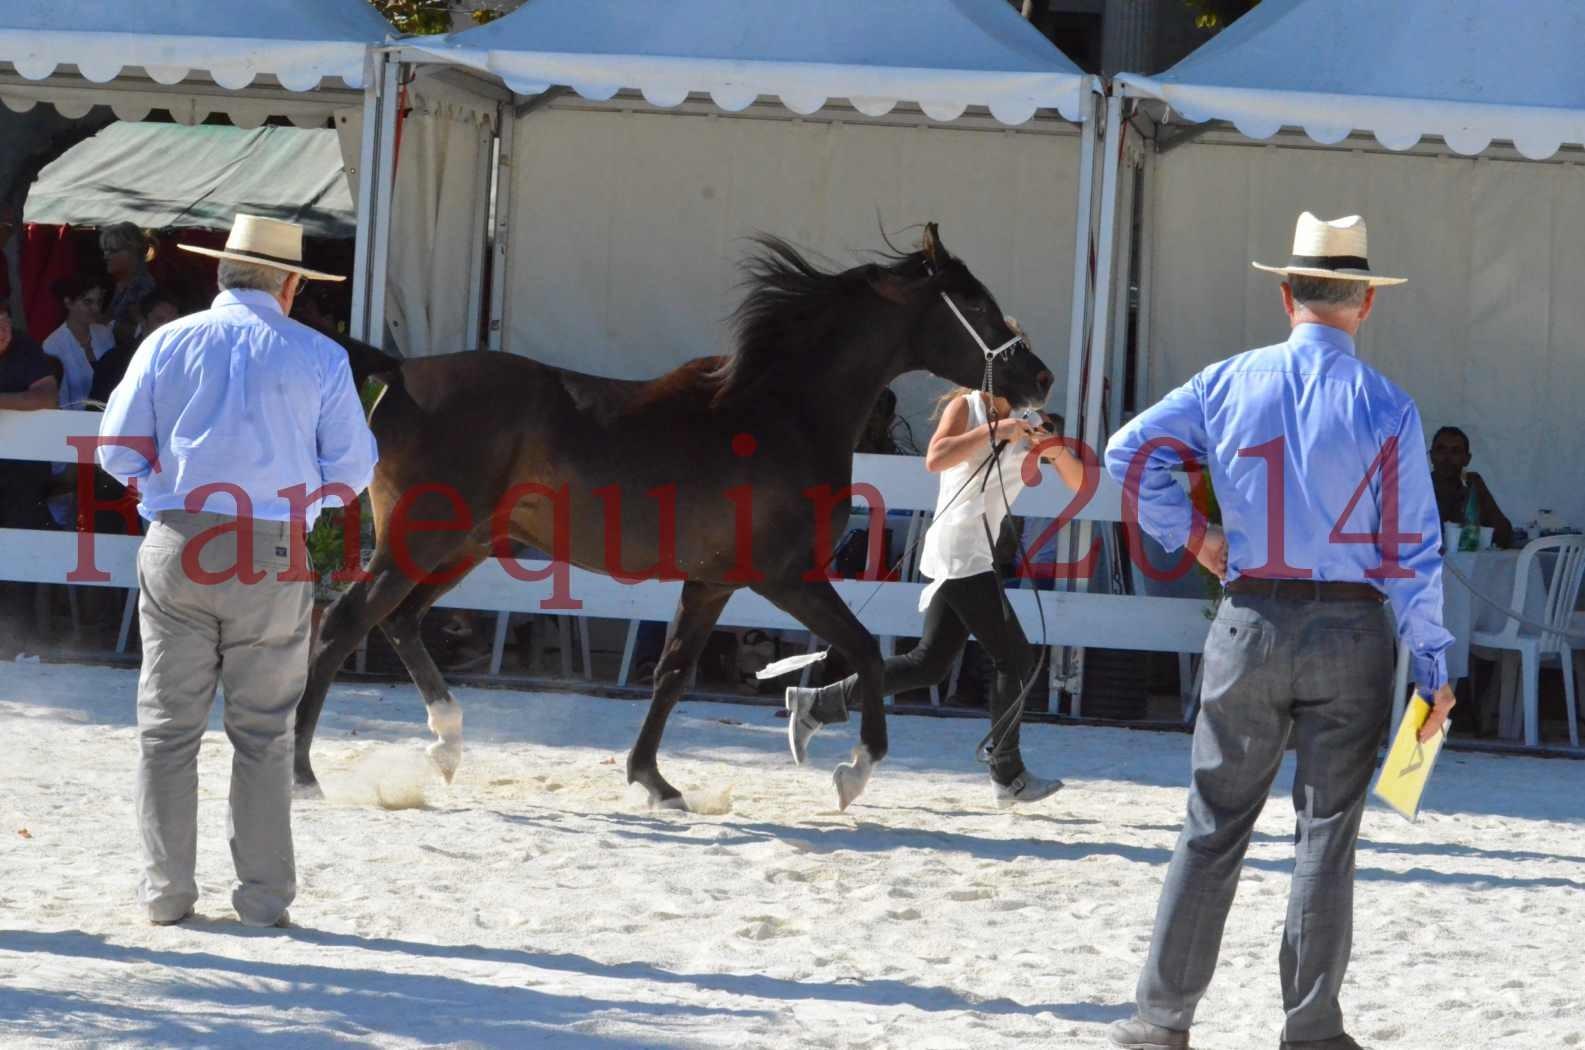 Concours National de Nîmes de chevaux ARABES 2014 - Sélection - Portraits - BALTYK DE CHAUMONT - 09